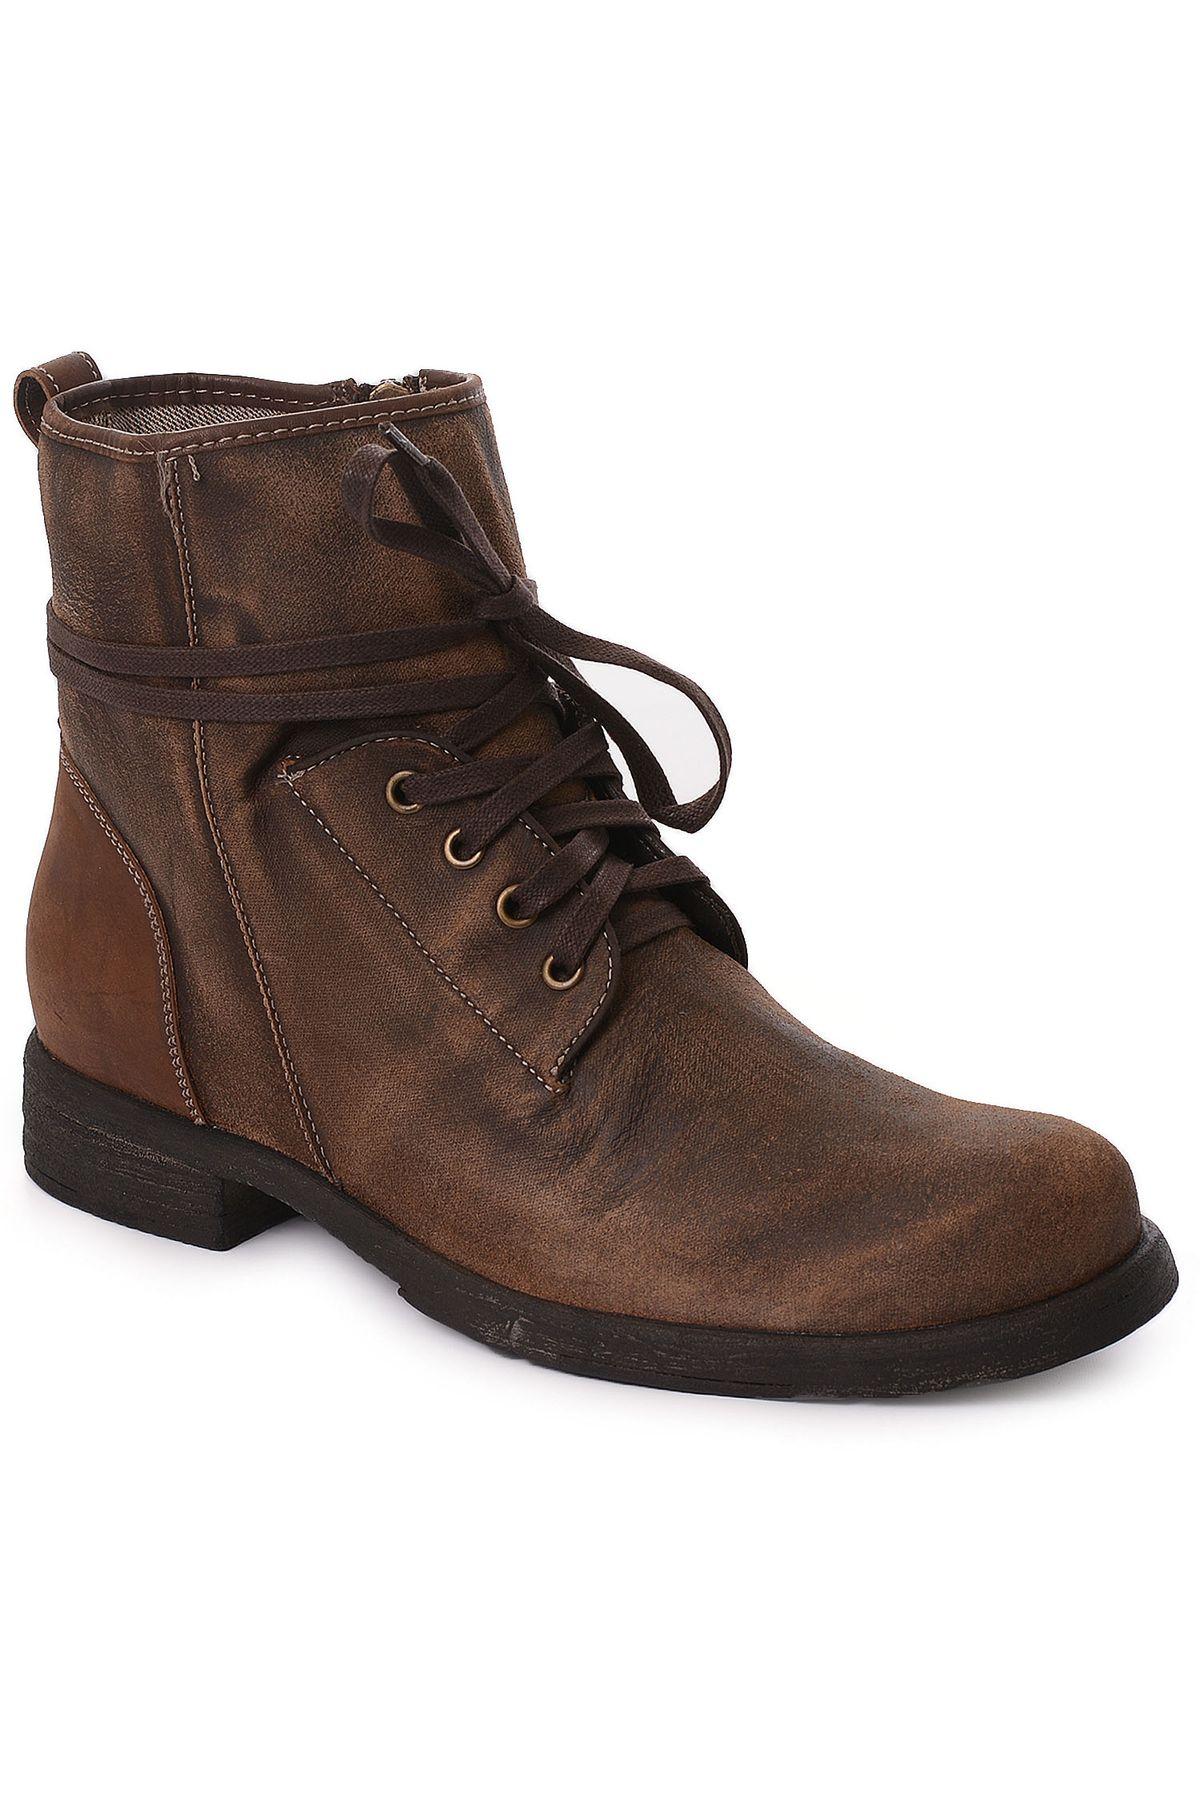 8bf007fbb Bota Masculina Democrata Harbor | Mundial Calçados - Mundial Calçados